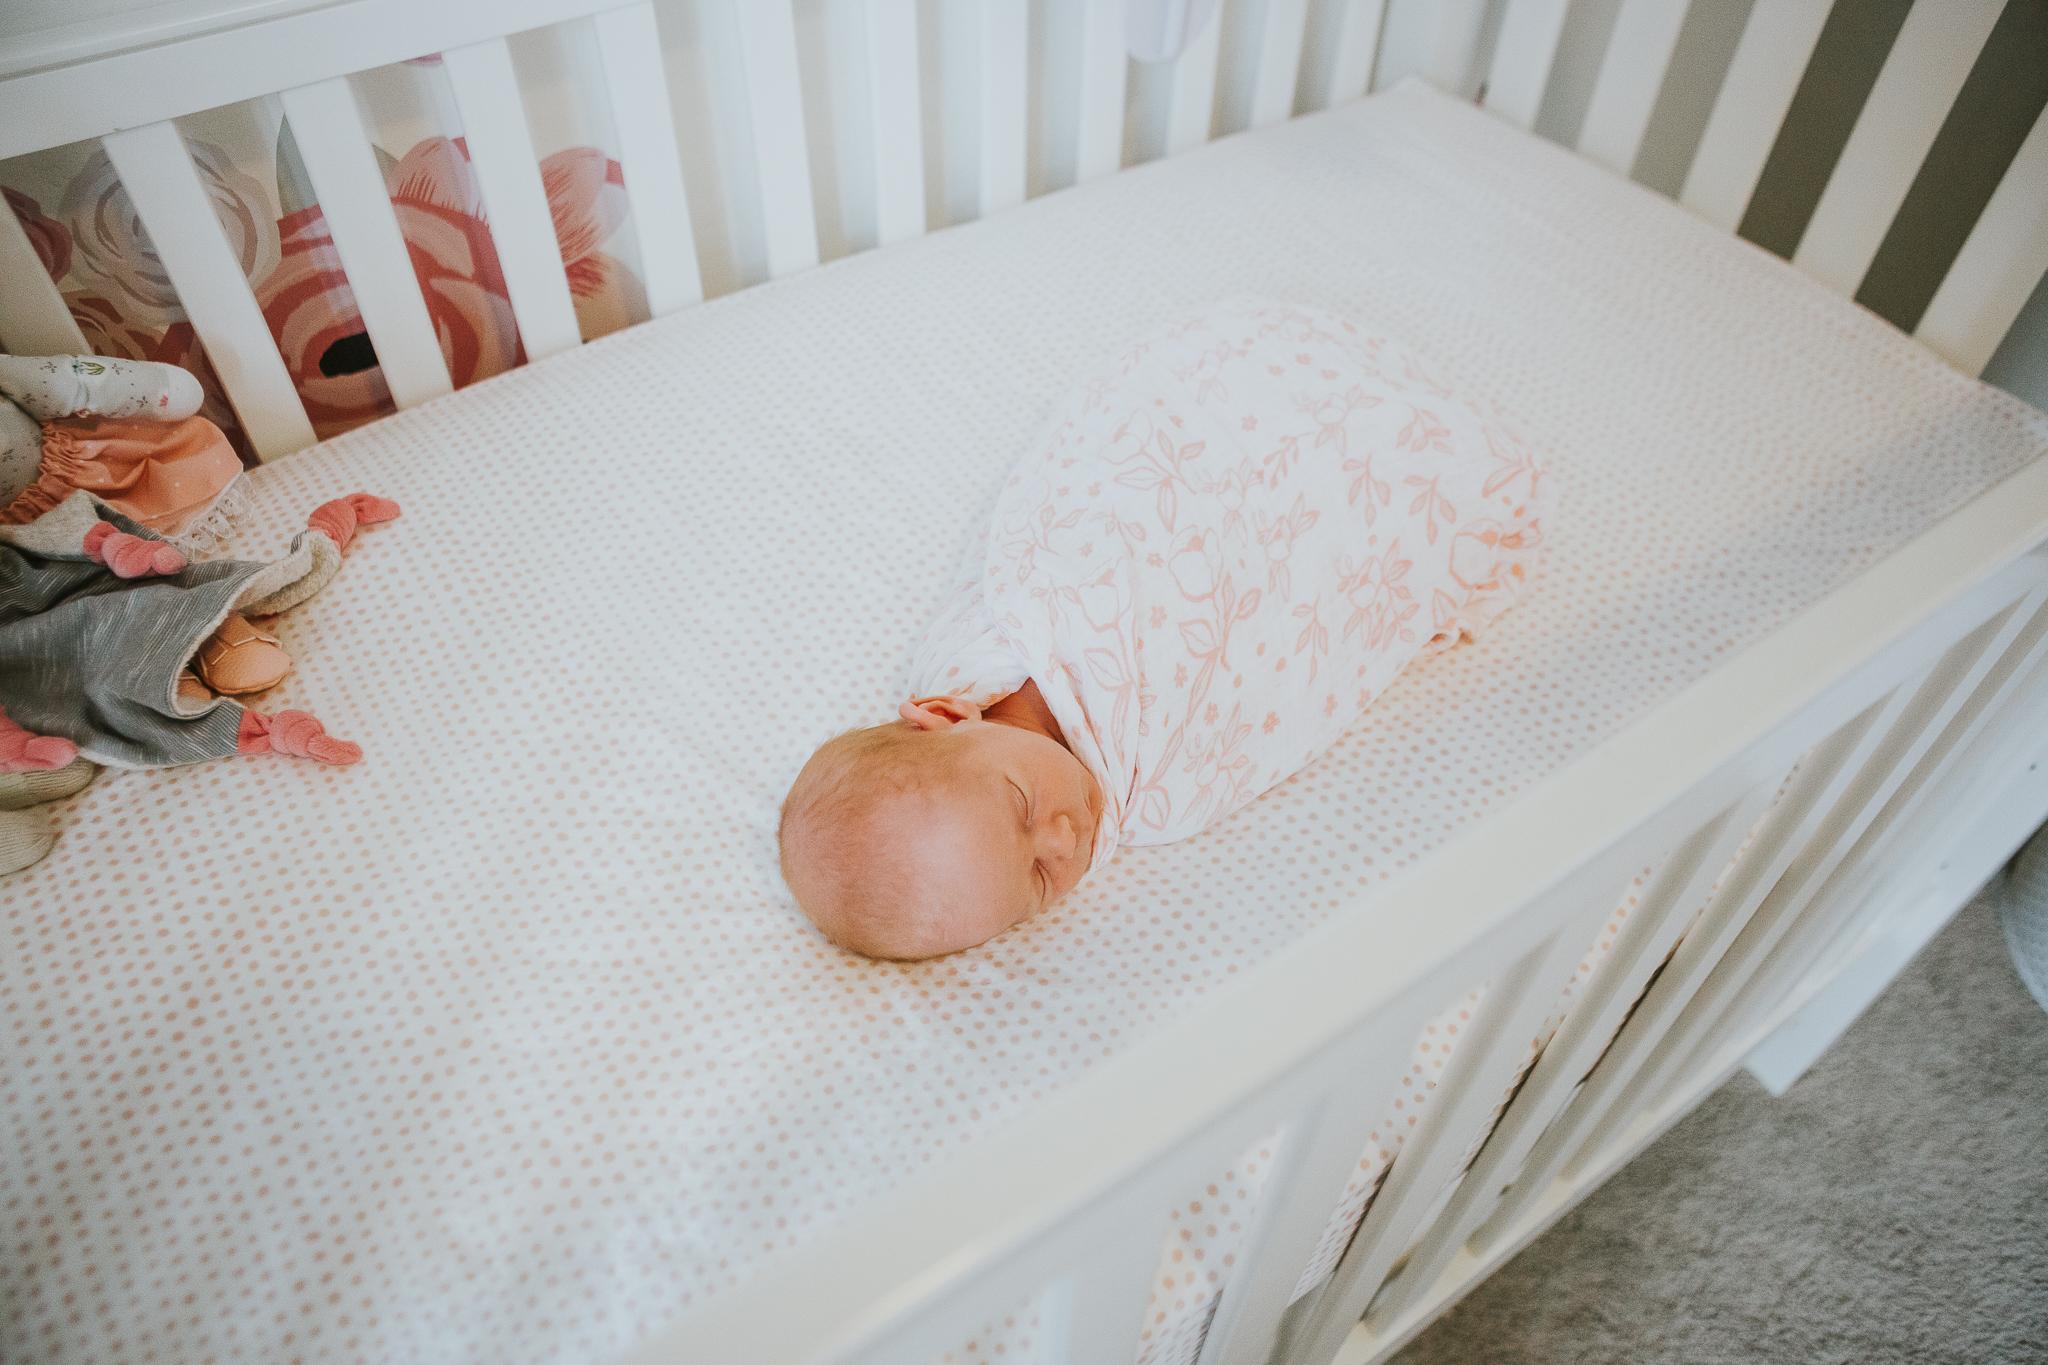 Mesa-Arizona-Newborn-Photographer-8.jpg